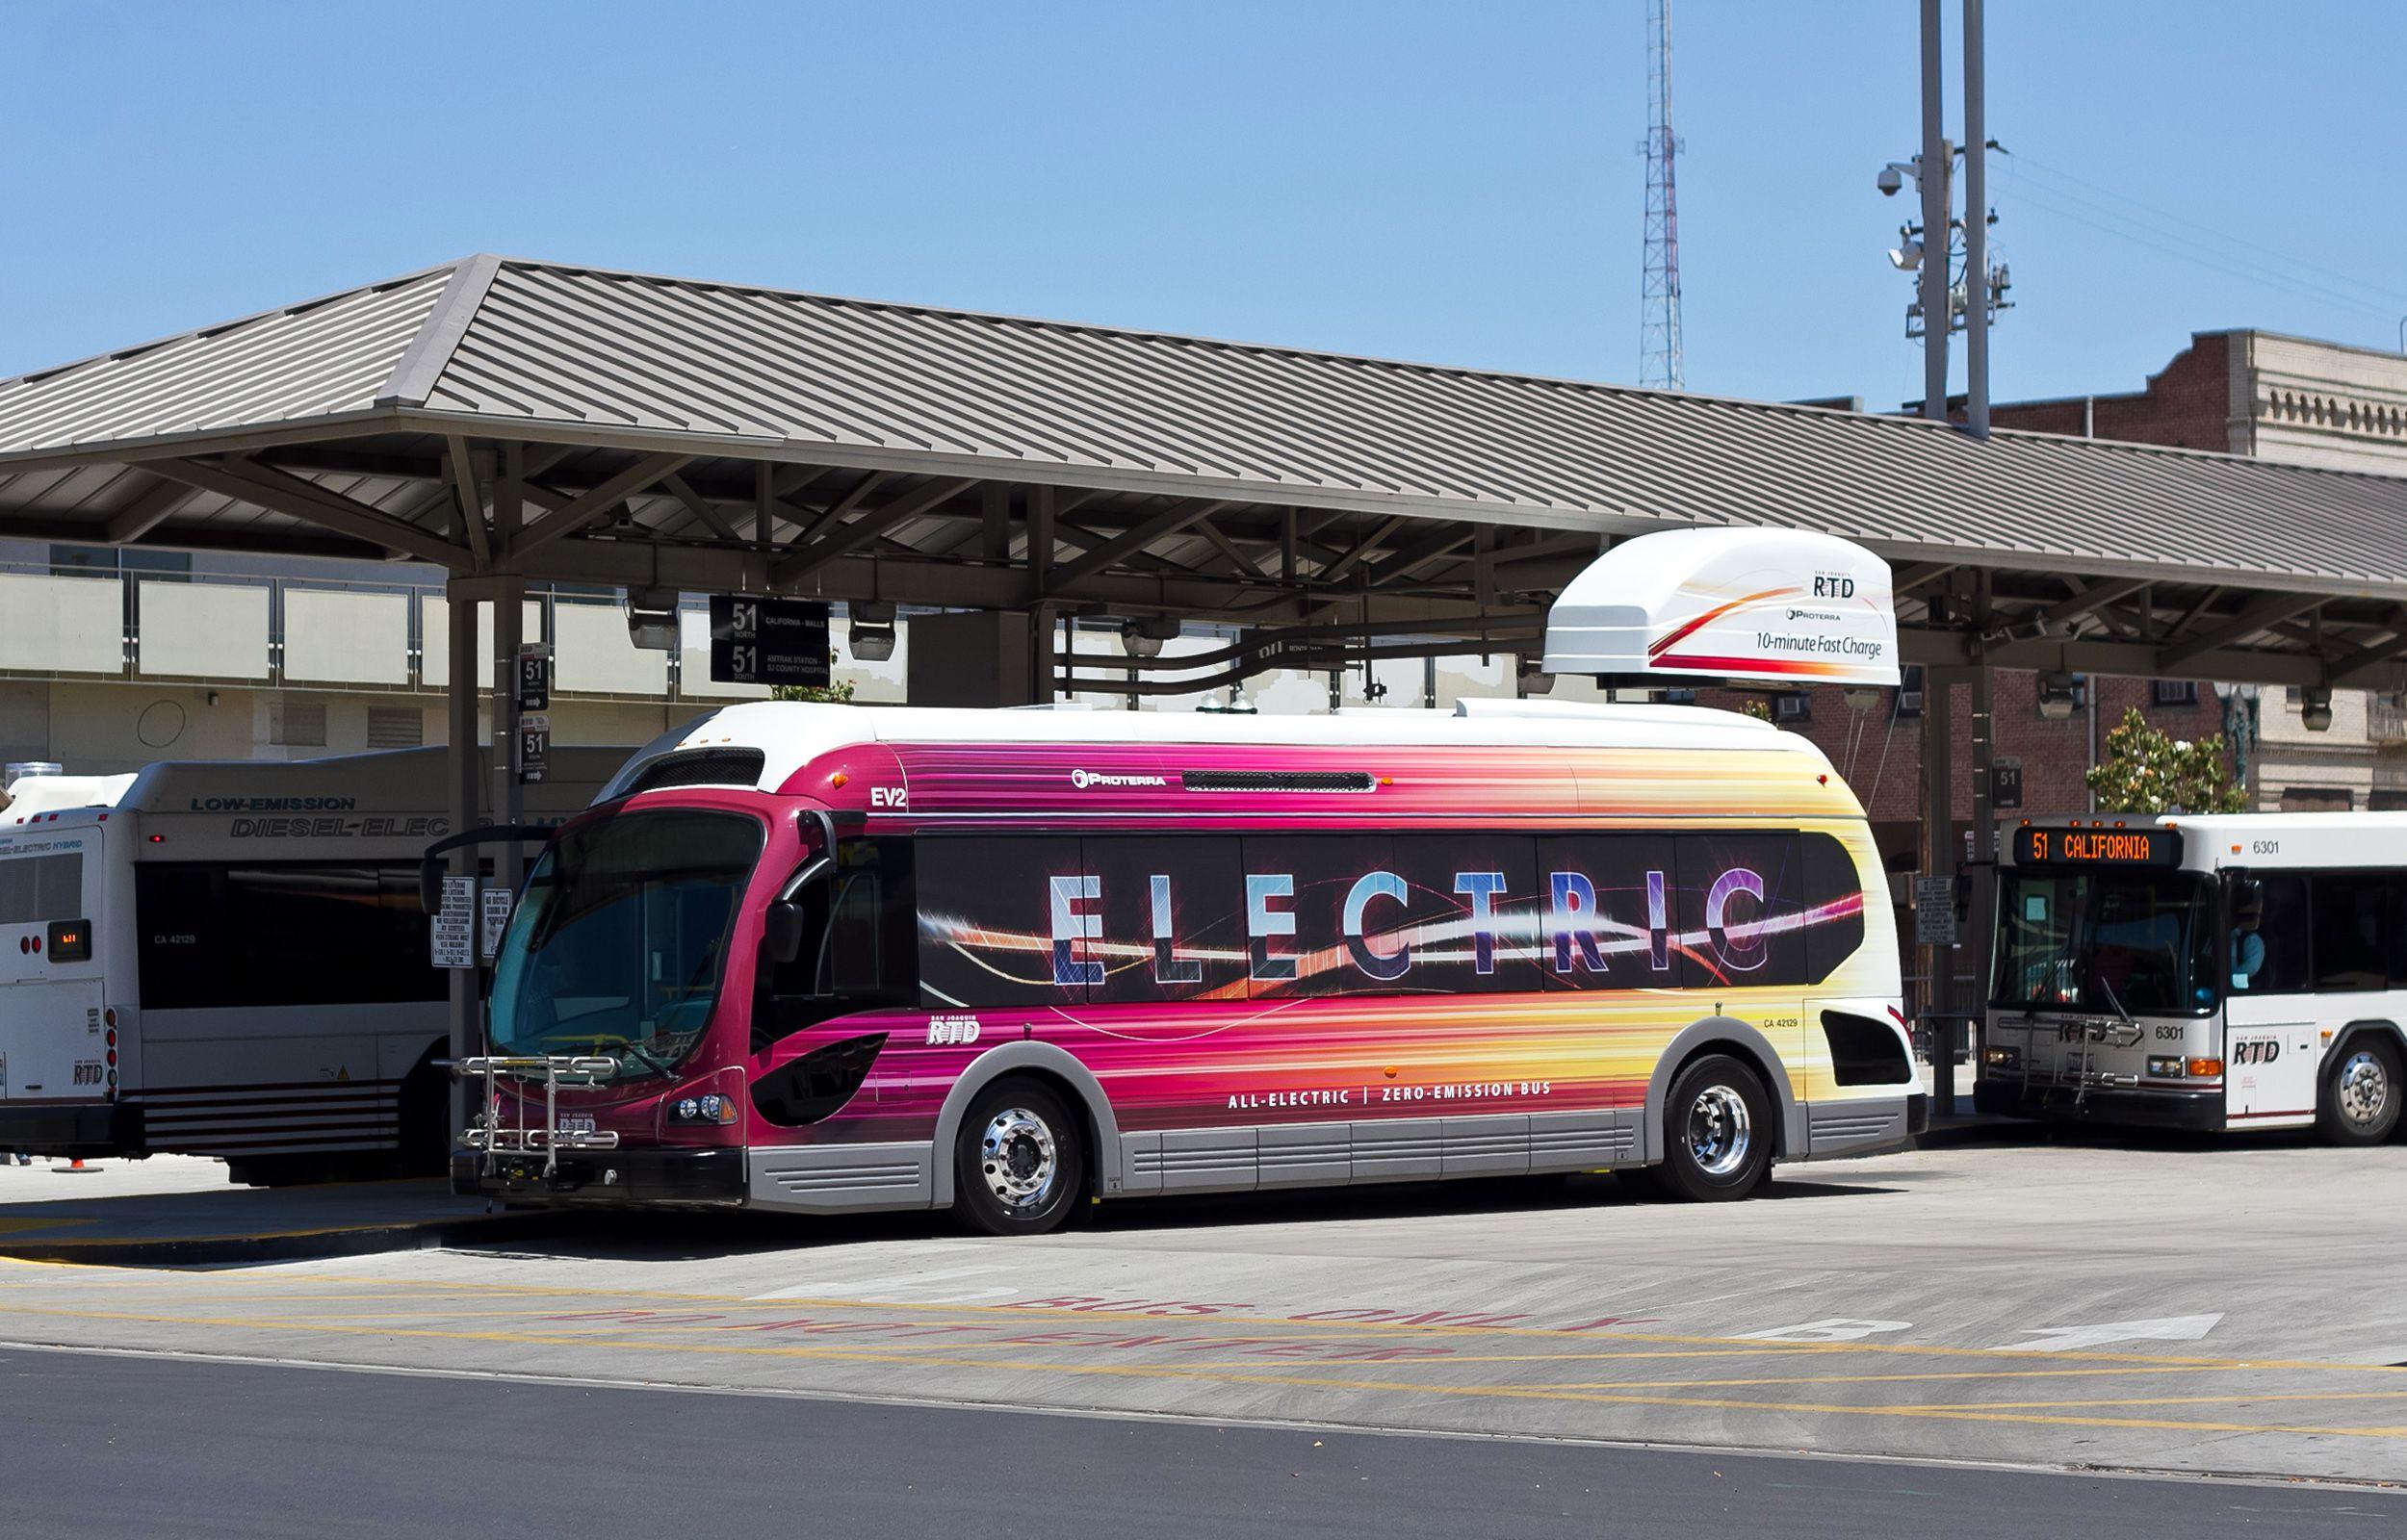 Electric Bus Bus Electricity Bike Lane